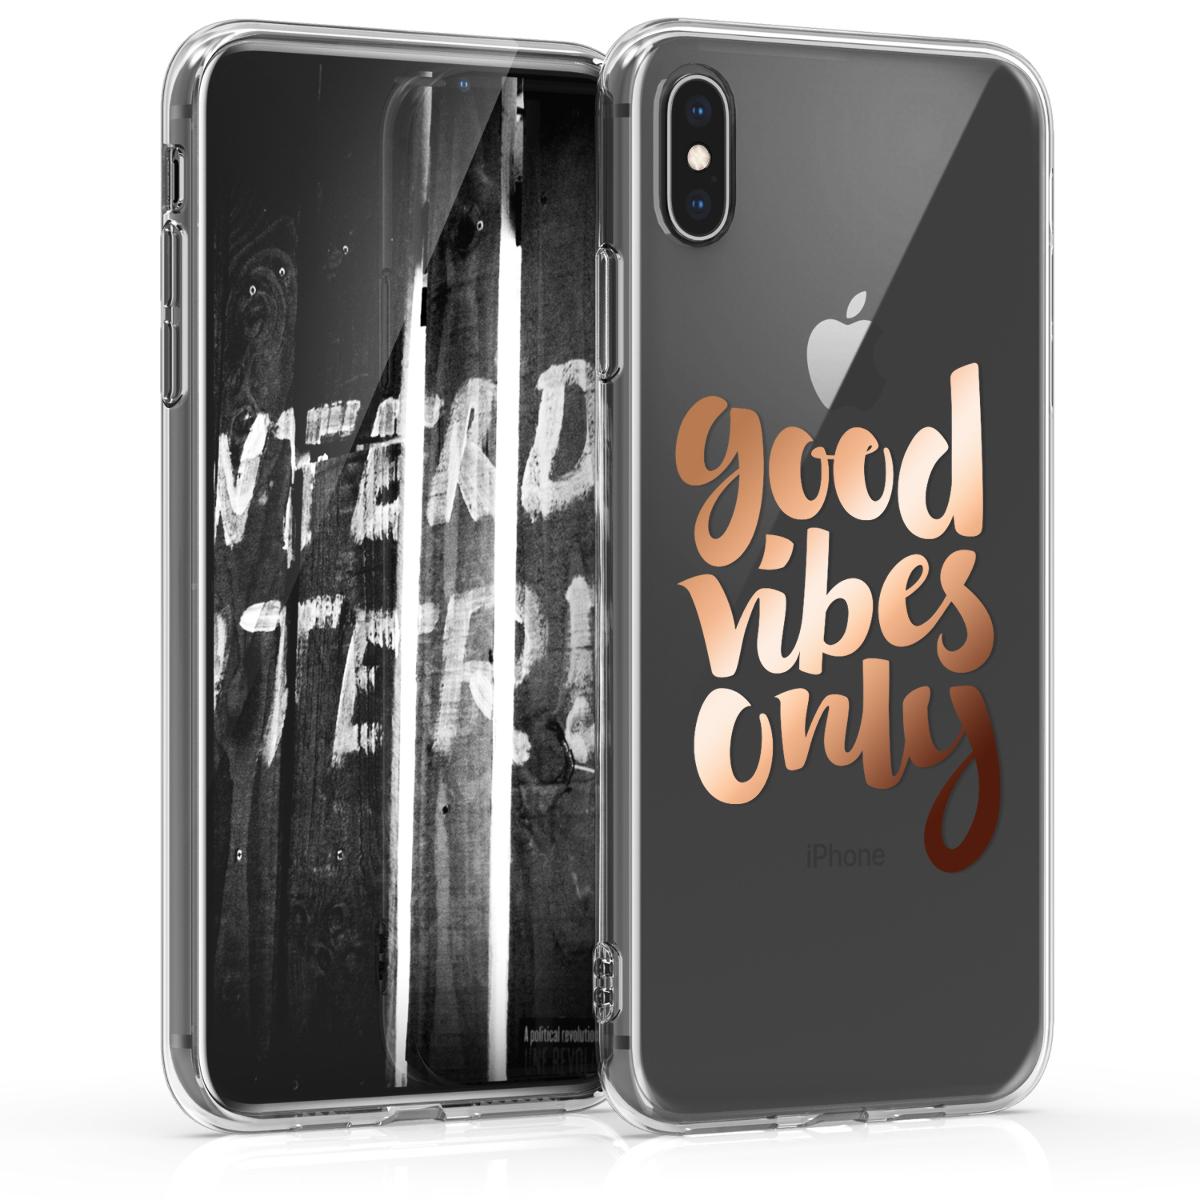 Kvalitní silikonové TPU pouzdro pro Apple iPhone XS Max - Good Vibes fráze Rose Gold | Transparent